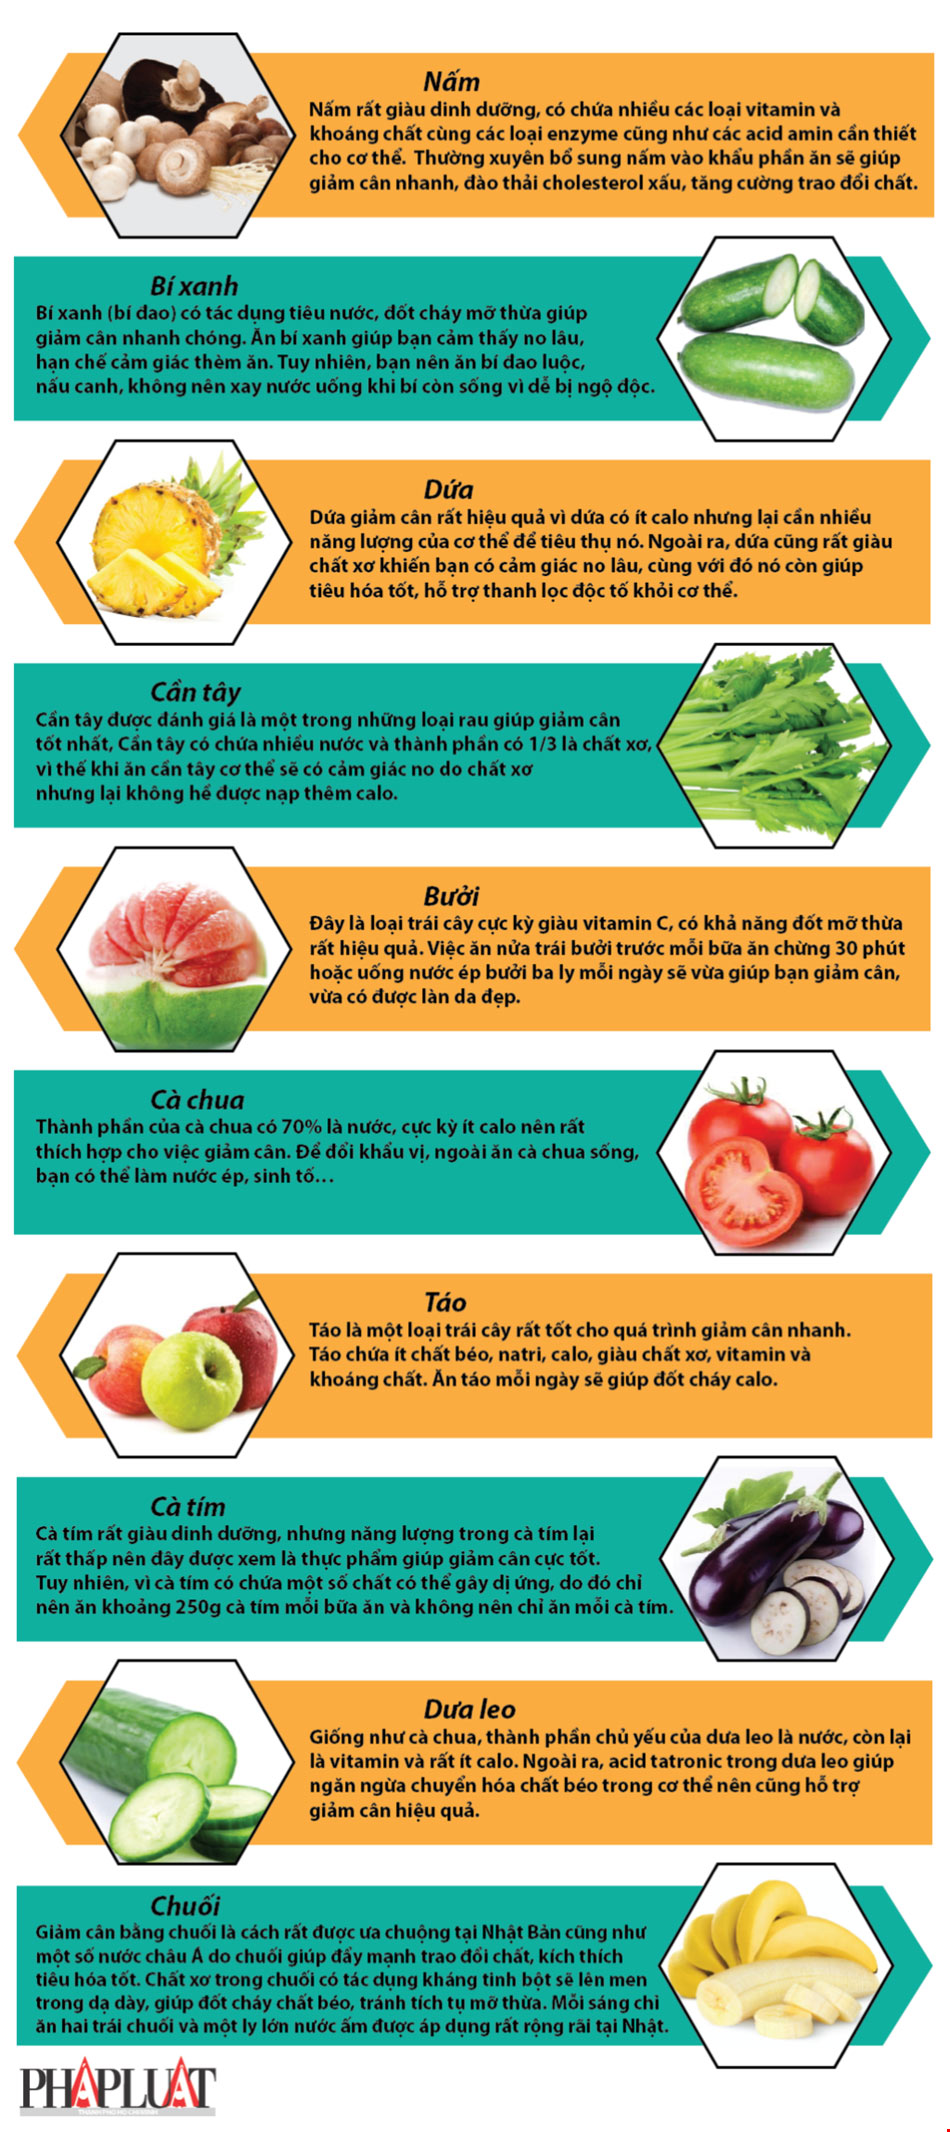 10 thực phẩm giúp giảm cân sau Tết cực kỳ hiệu quả - 1